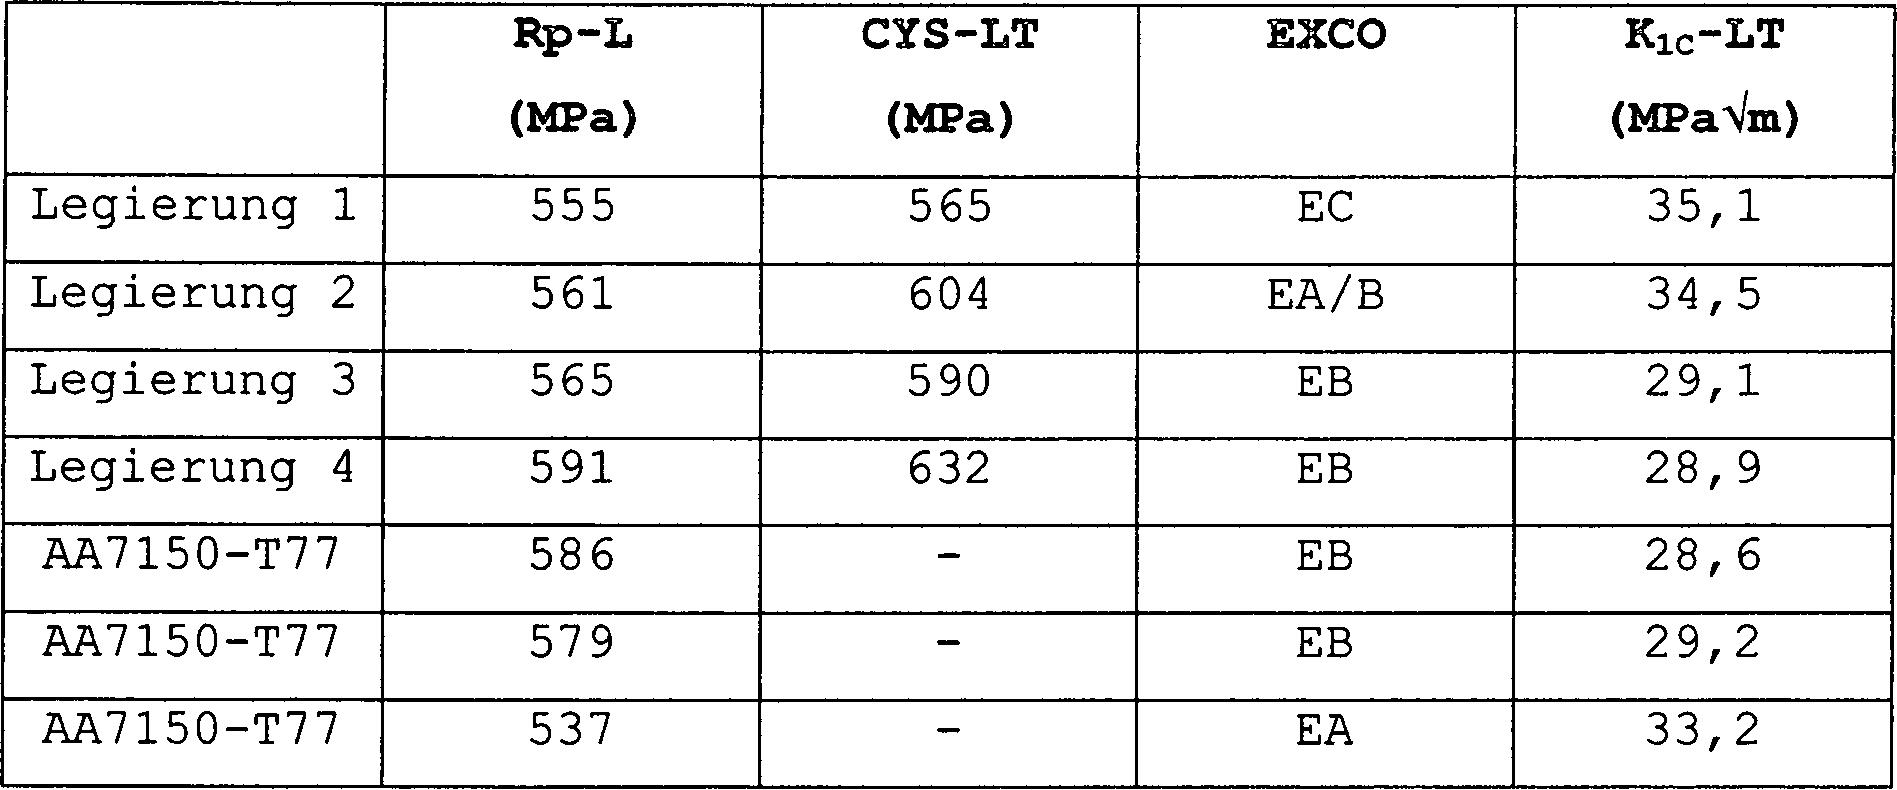 figure 00180001 - Legierung Beispiele